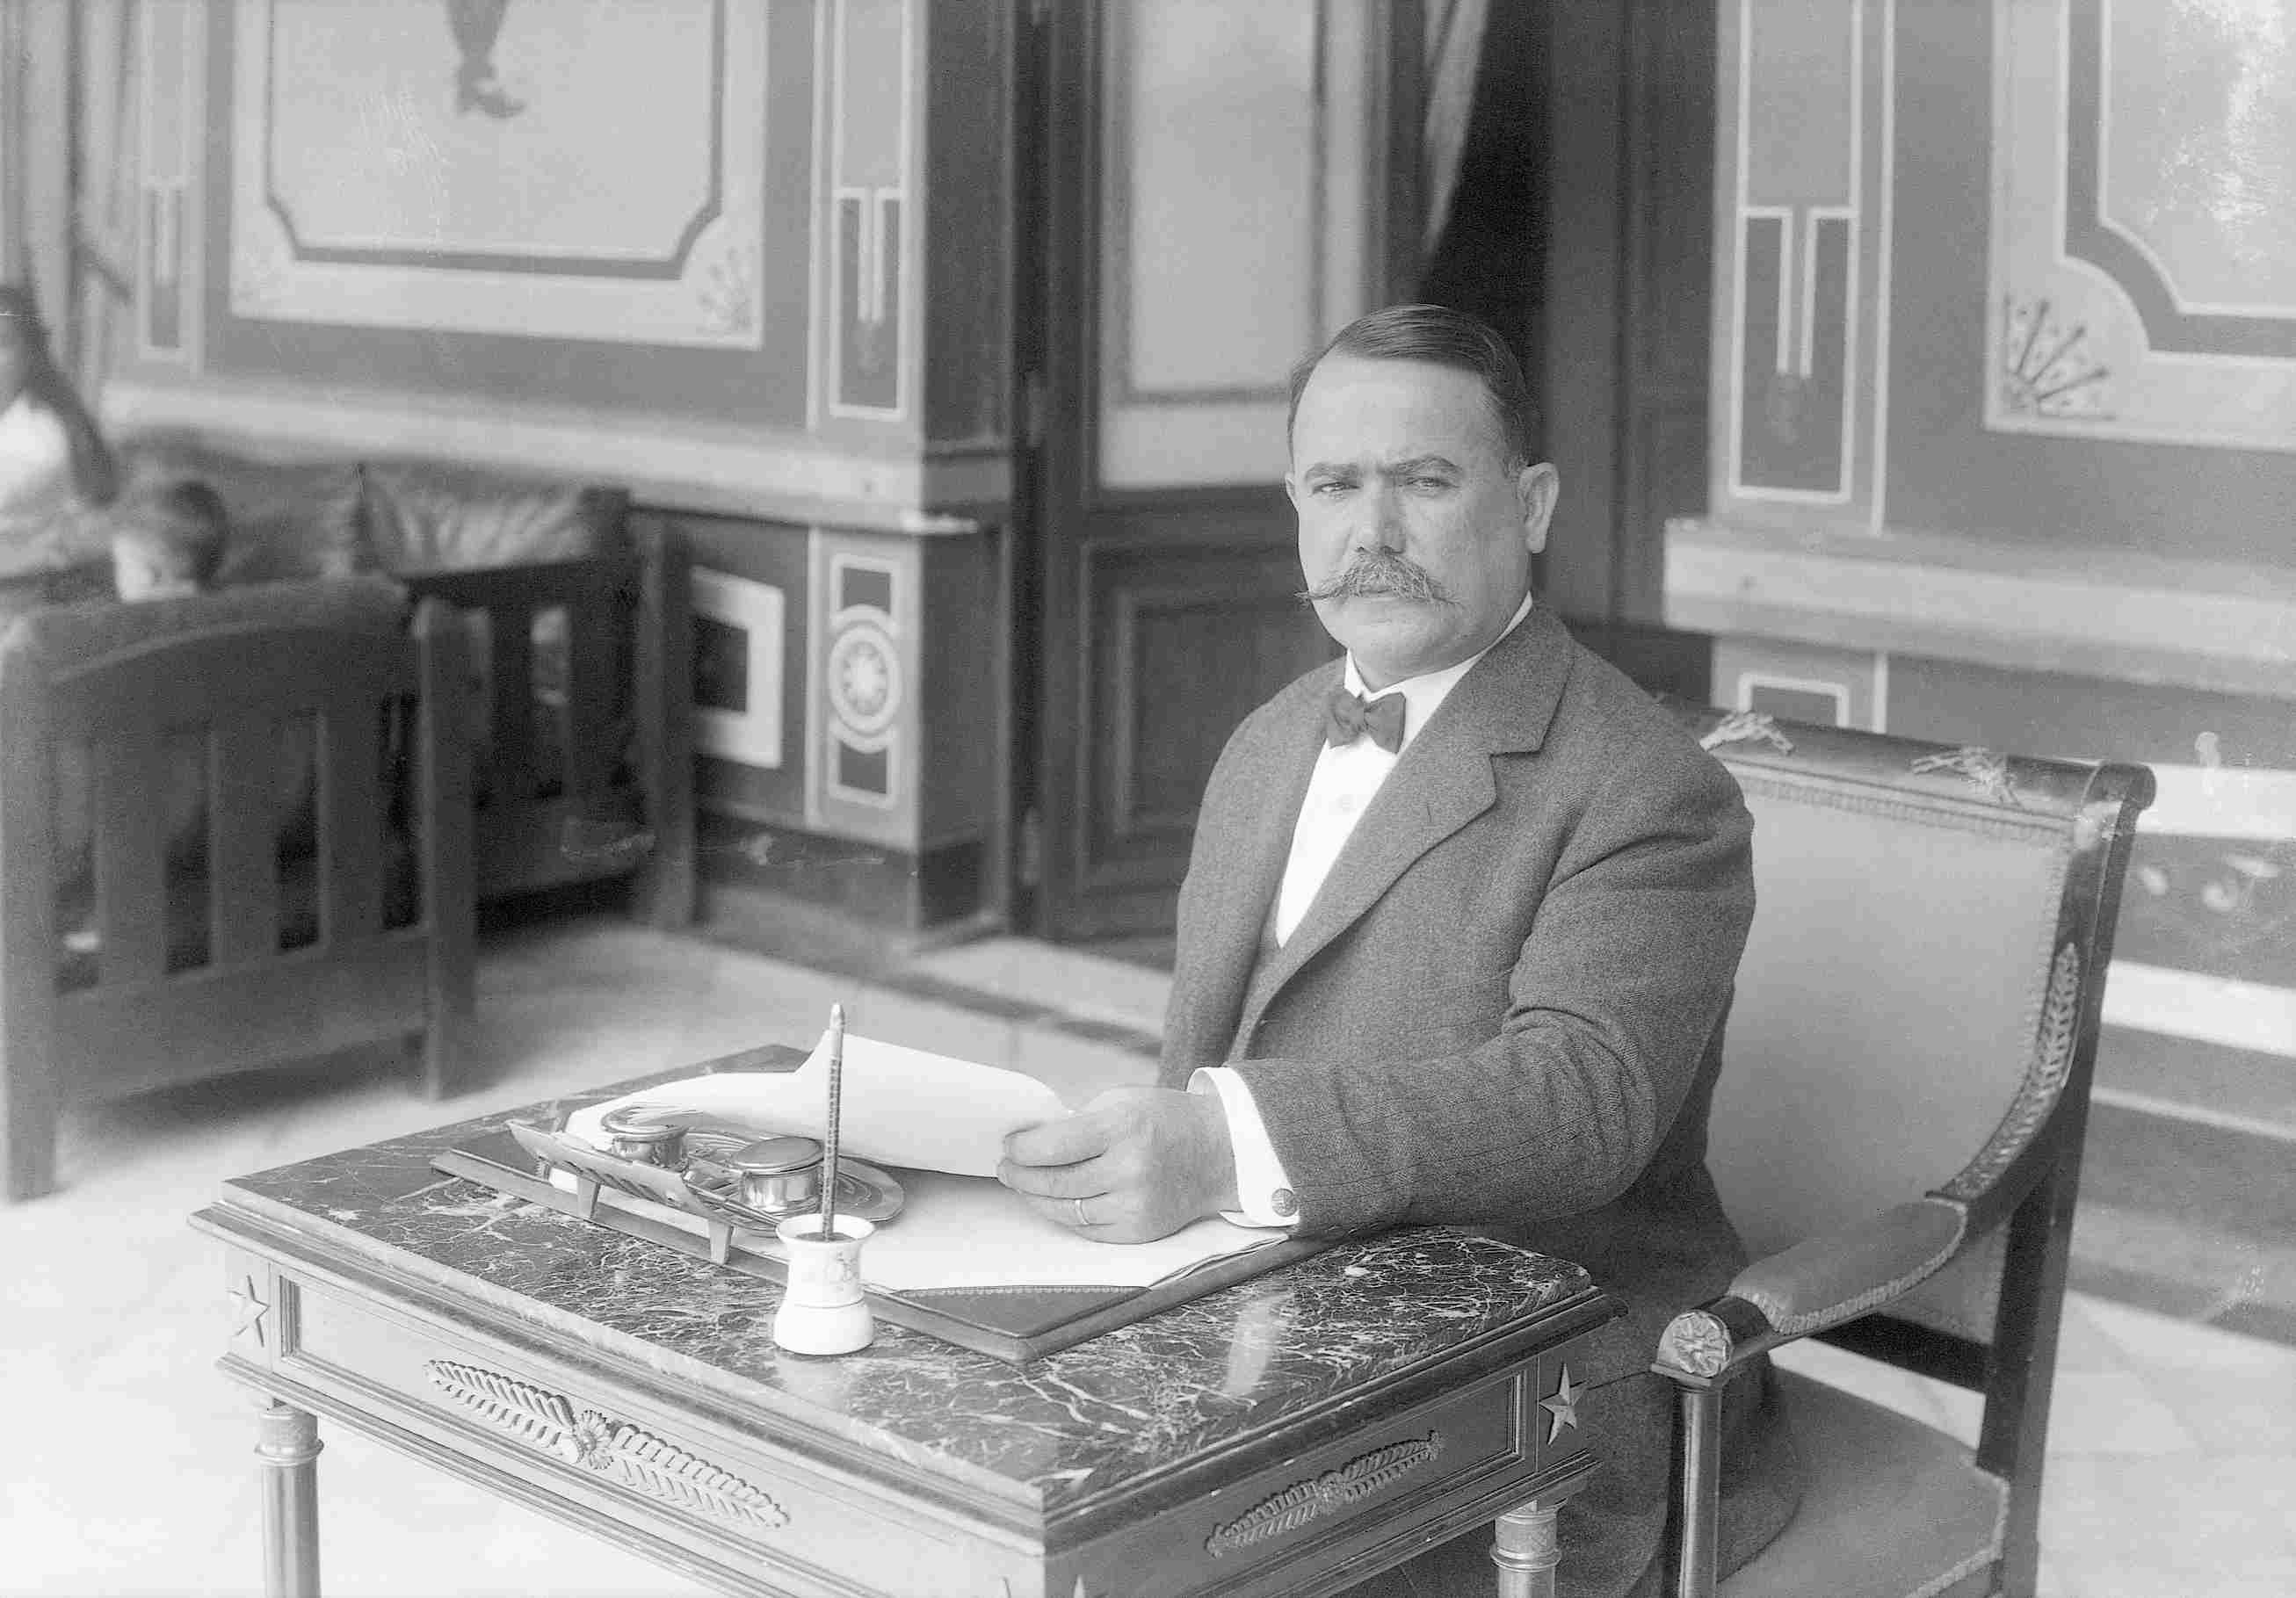 Ο Πρόεδρος του Μεξικού Alvaro Obregon